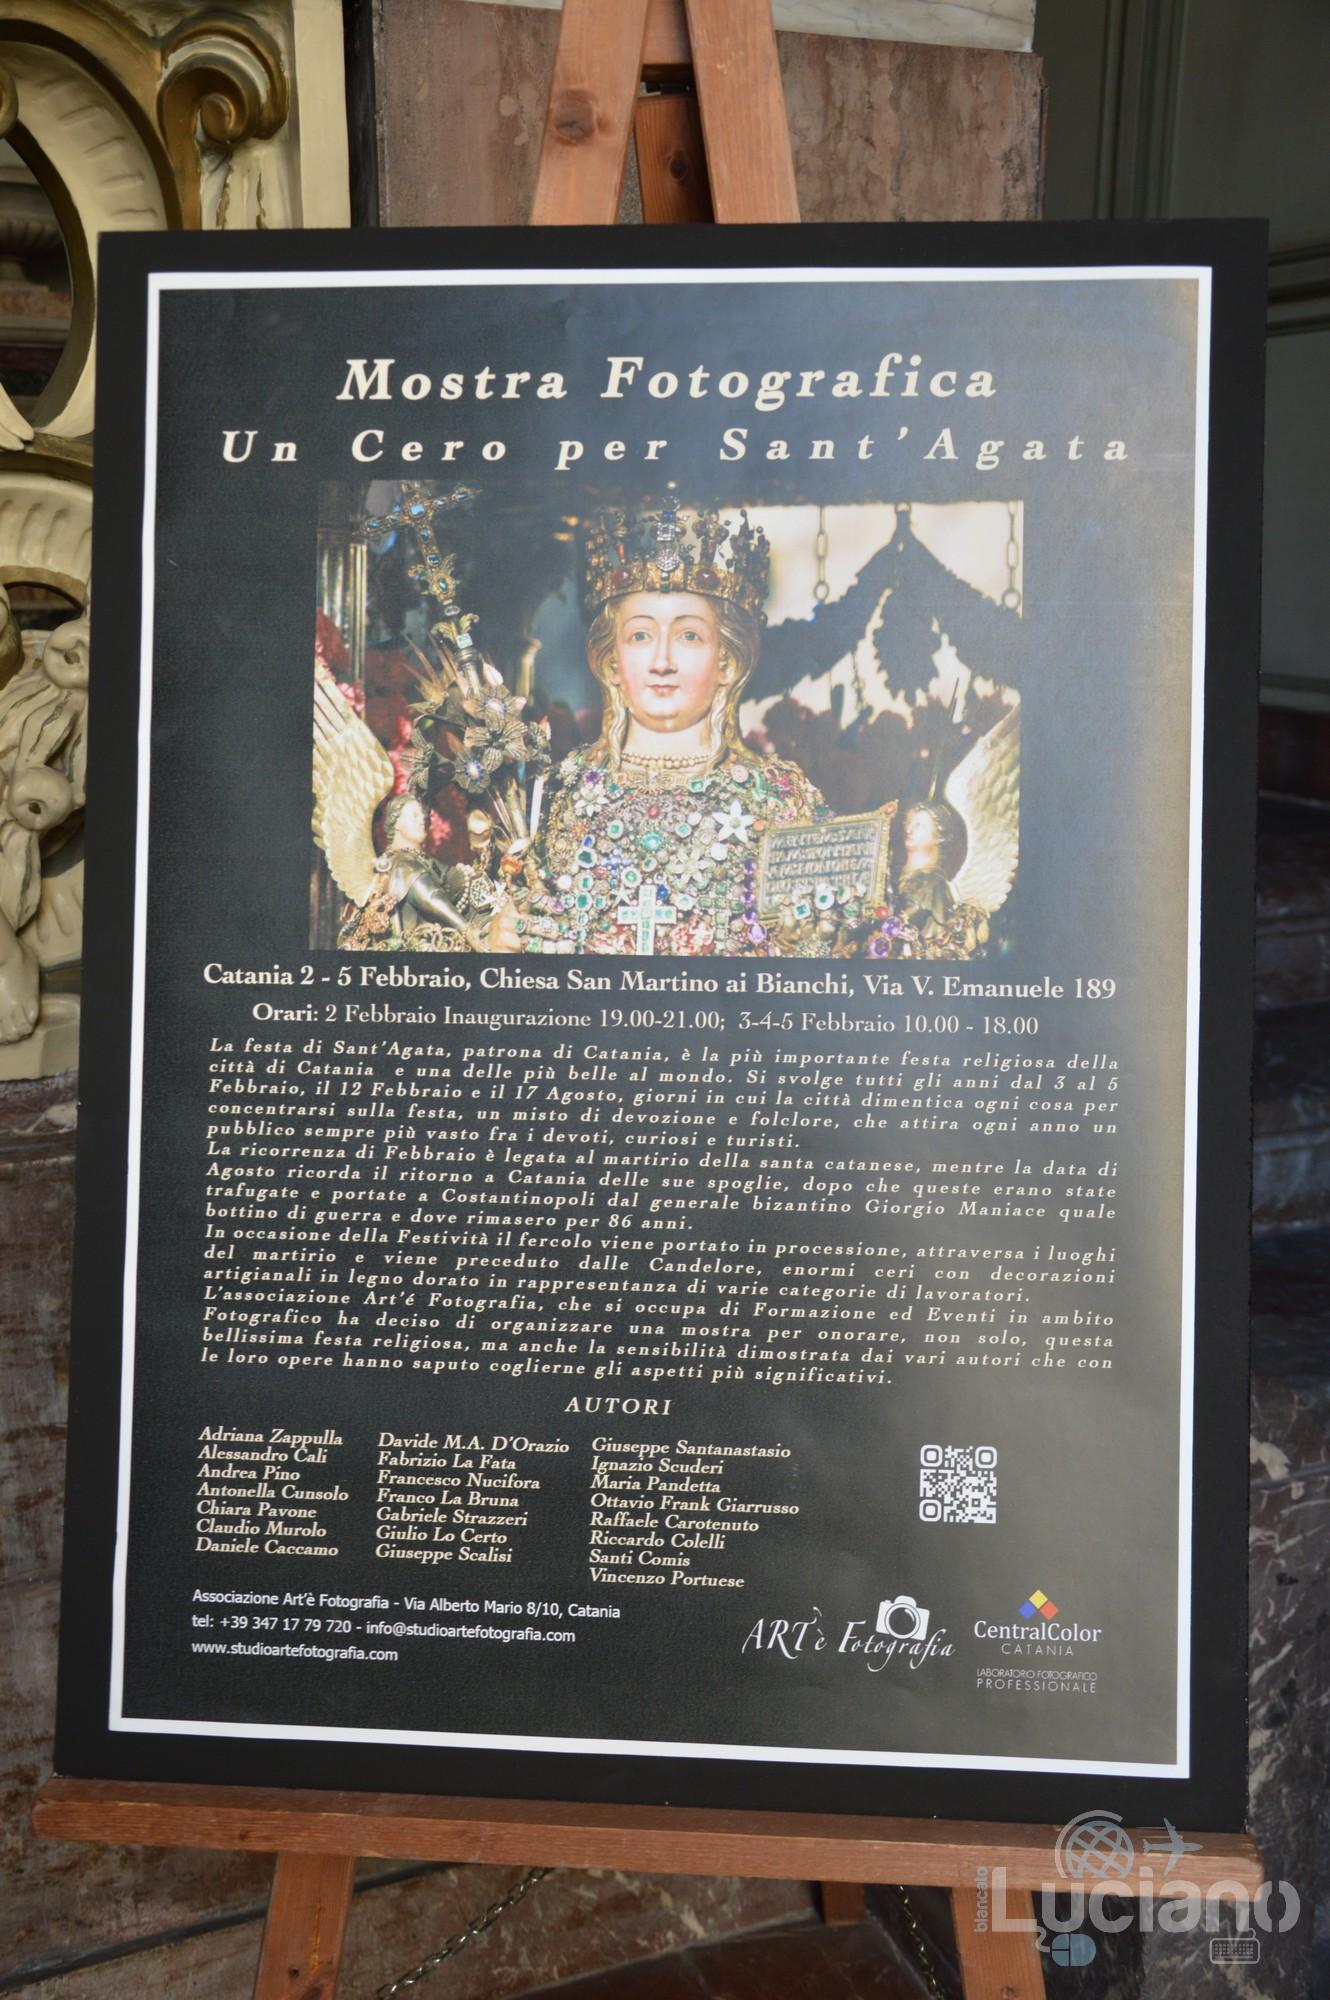 Mostra fotografica dedicata a Sant'Agata nella Chiesa di San Martino ai Bianchi, durante i festeggiamenti per Sant'Agata 2019 - Catania (CT)